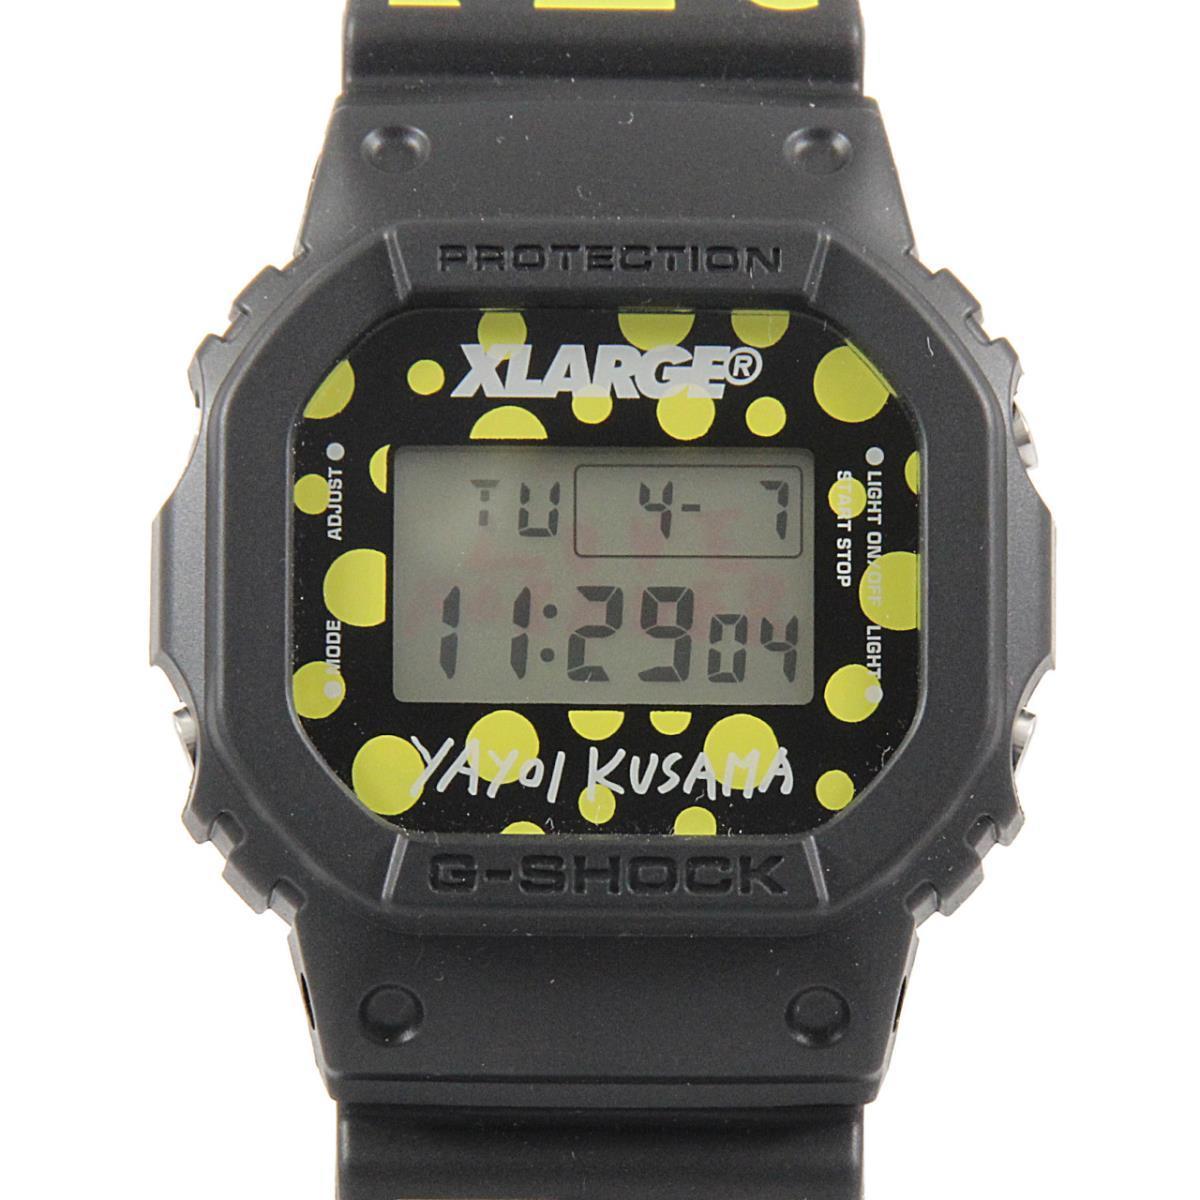 腕時計, メンズ腕時計  DW5600VT GSHOCKXLARGEYAYOI KUSAMA